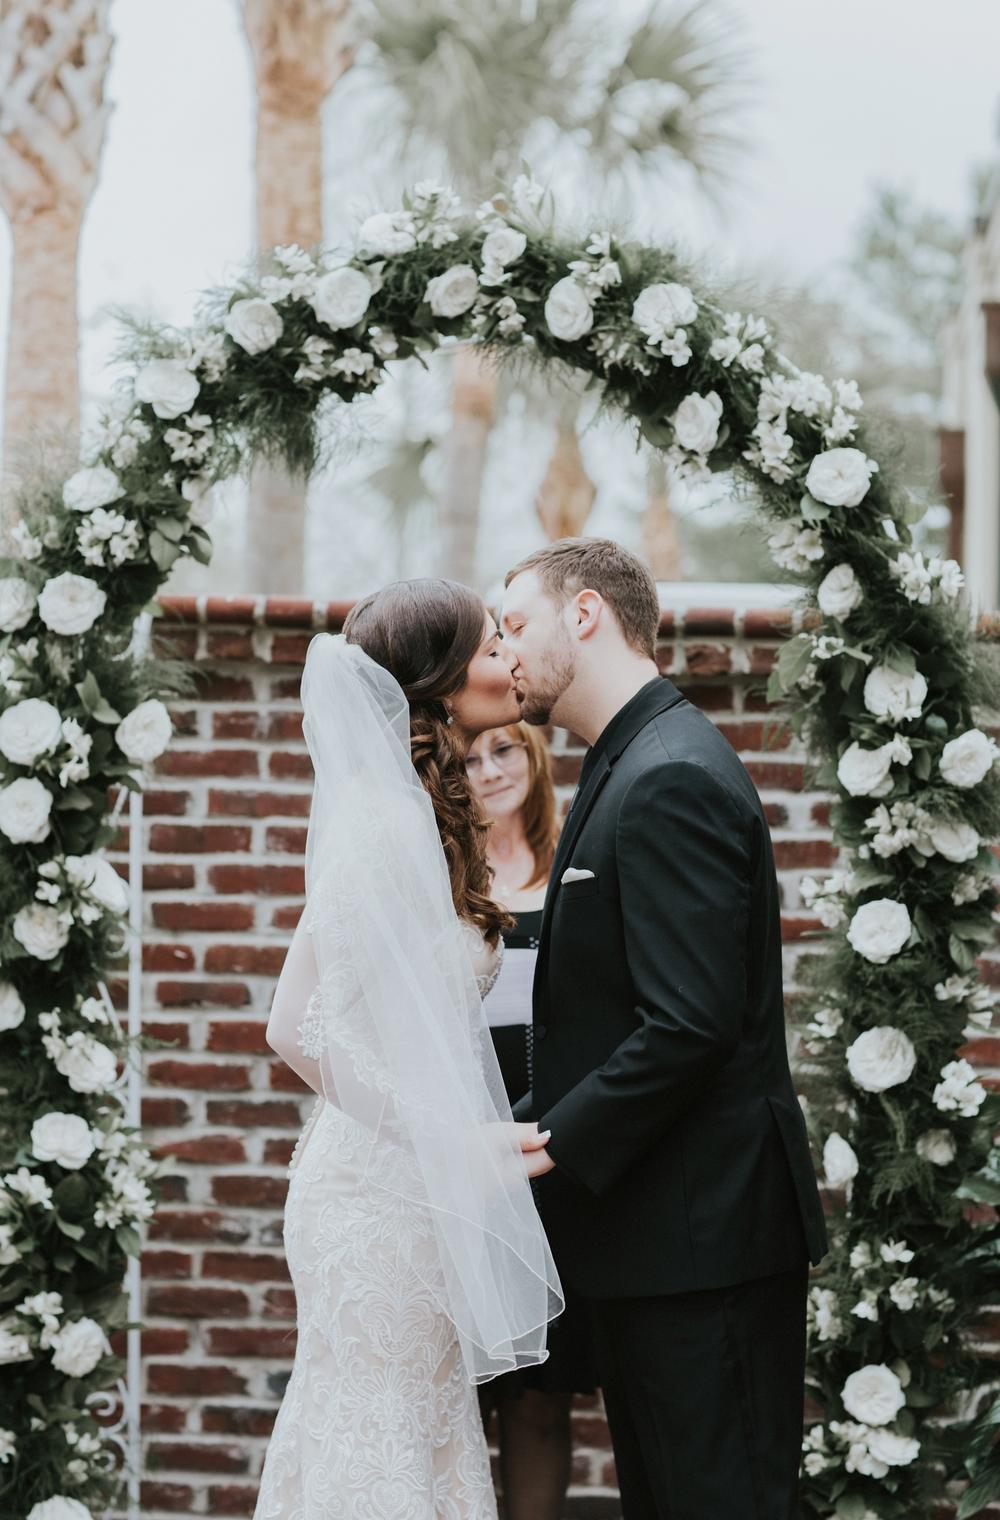 Wedding Pictures | vanessaboy.com-216.com.jpg